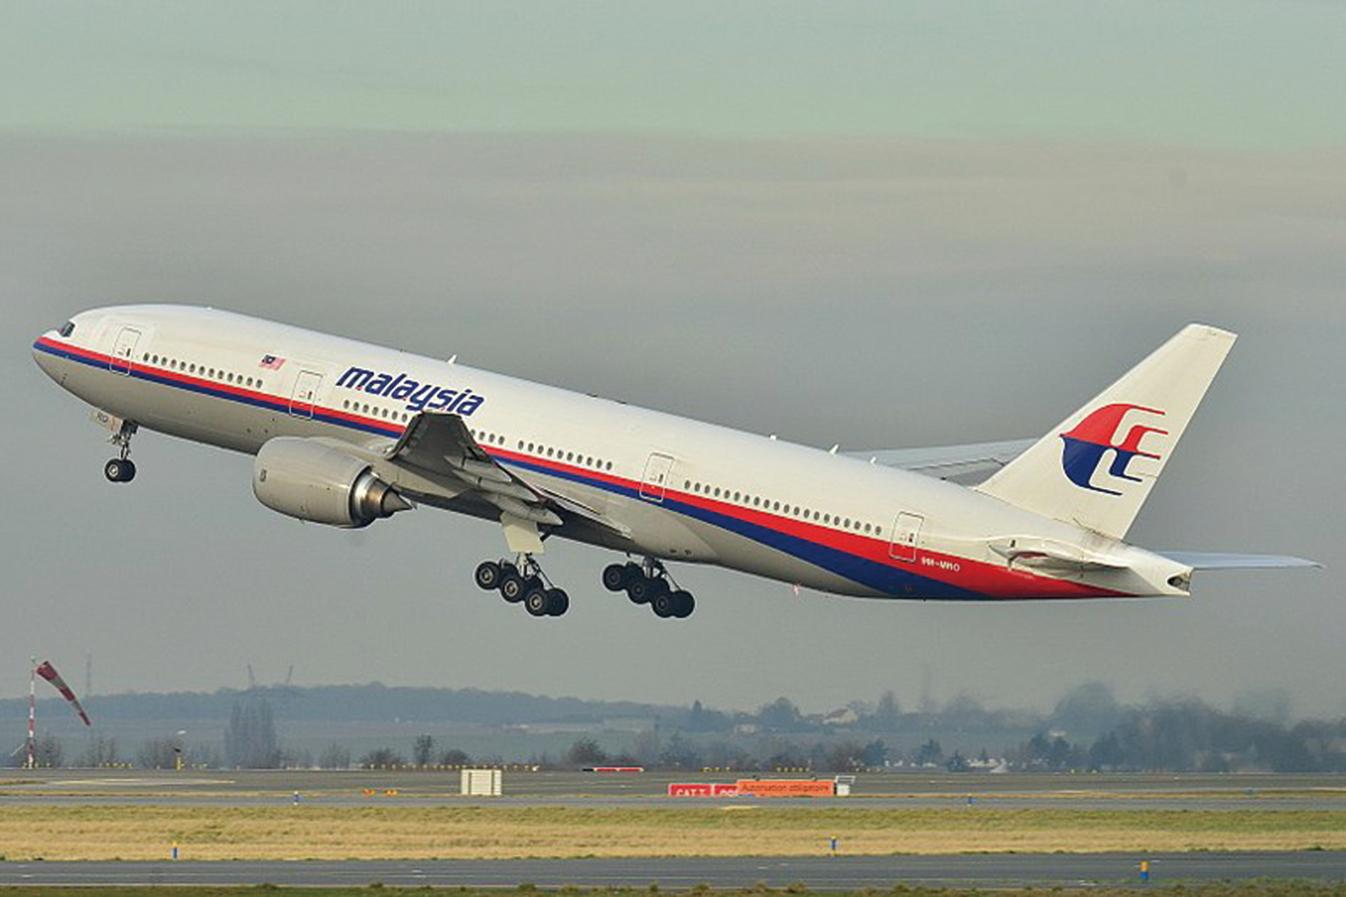 2014年3月8日,載有239人的MH370飛機從馬來西亞吉隆坡飛往中國北京的途中失蹤。(影片截圖)